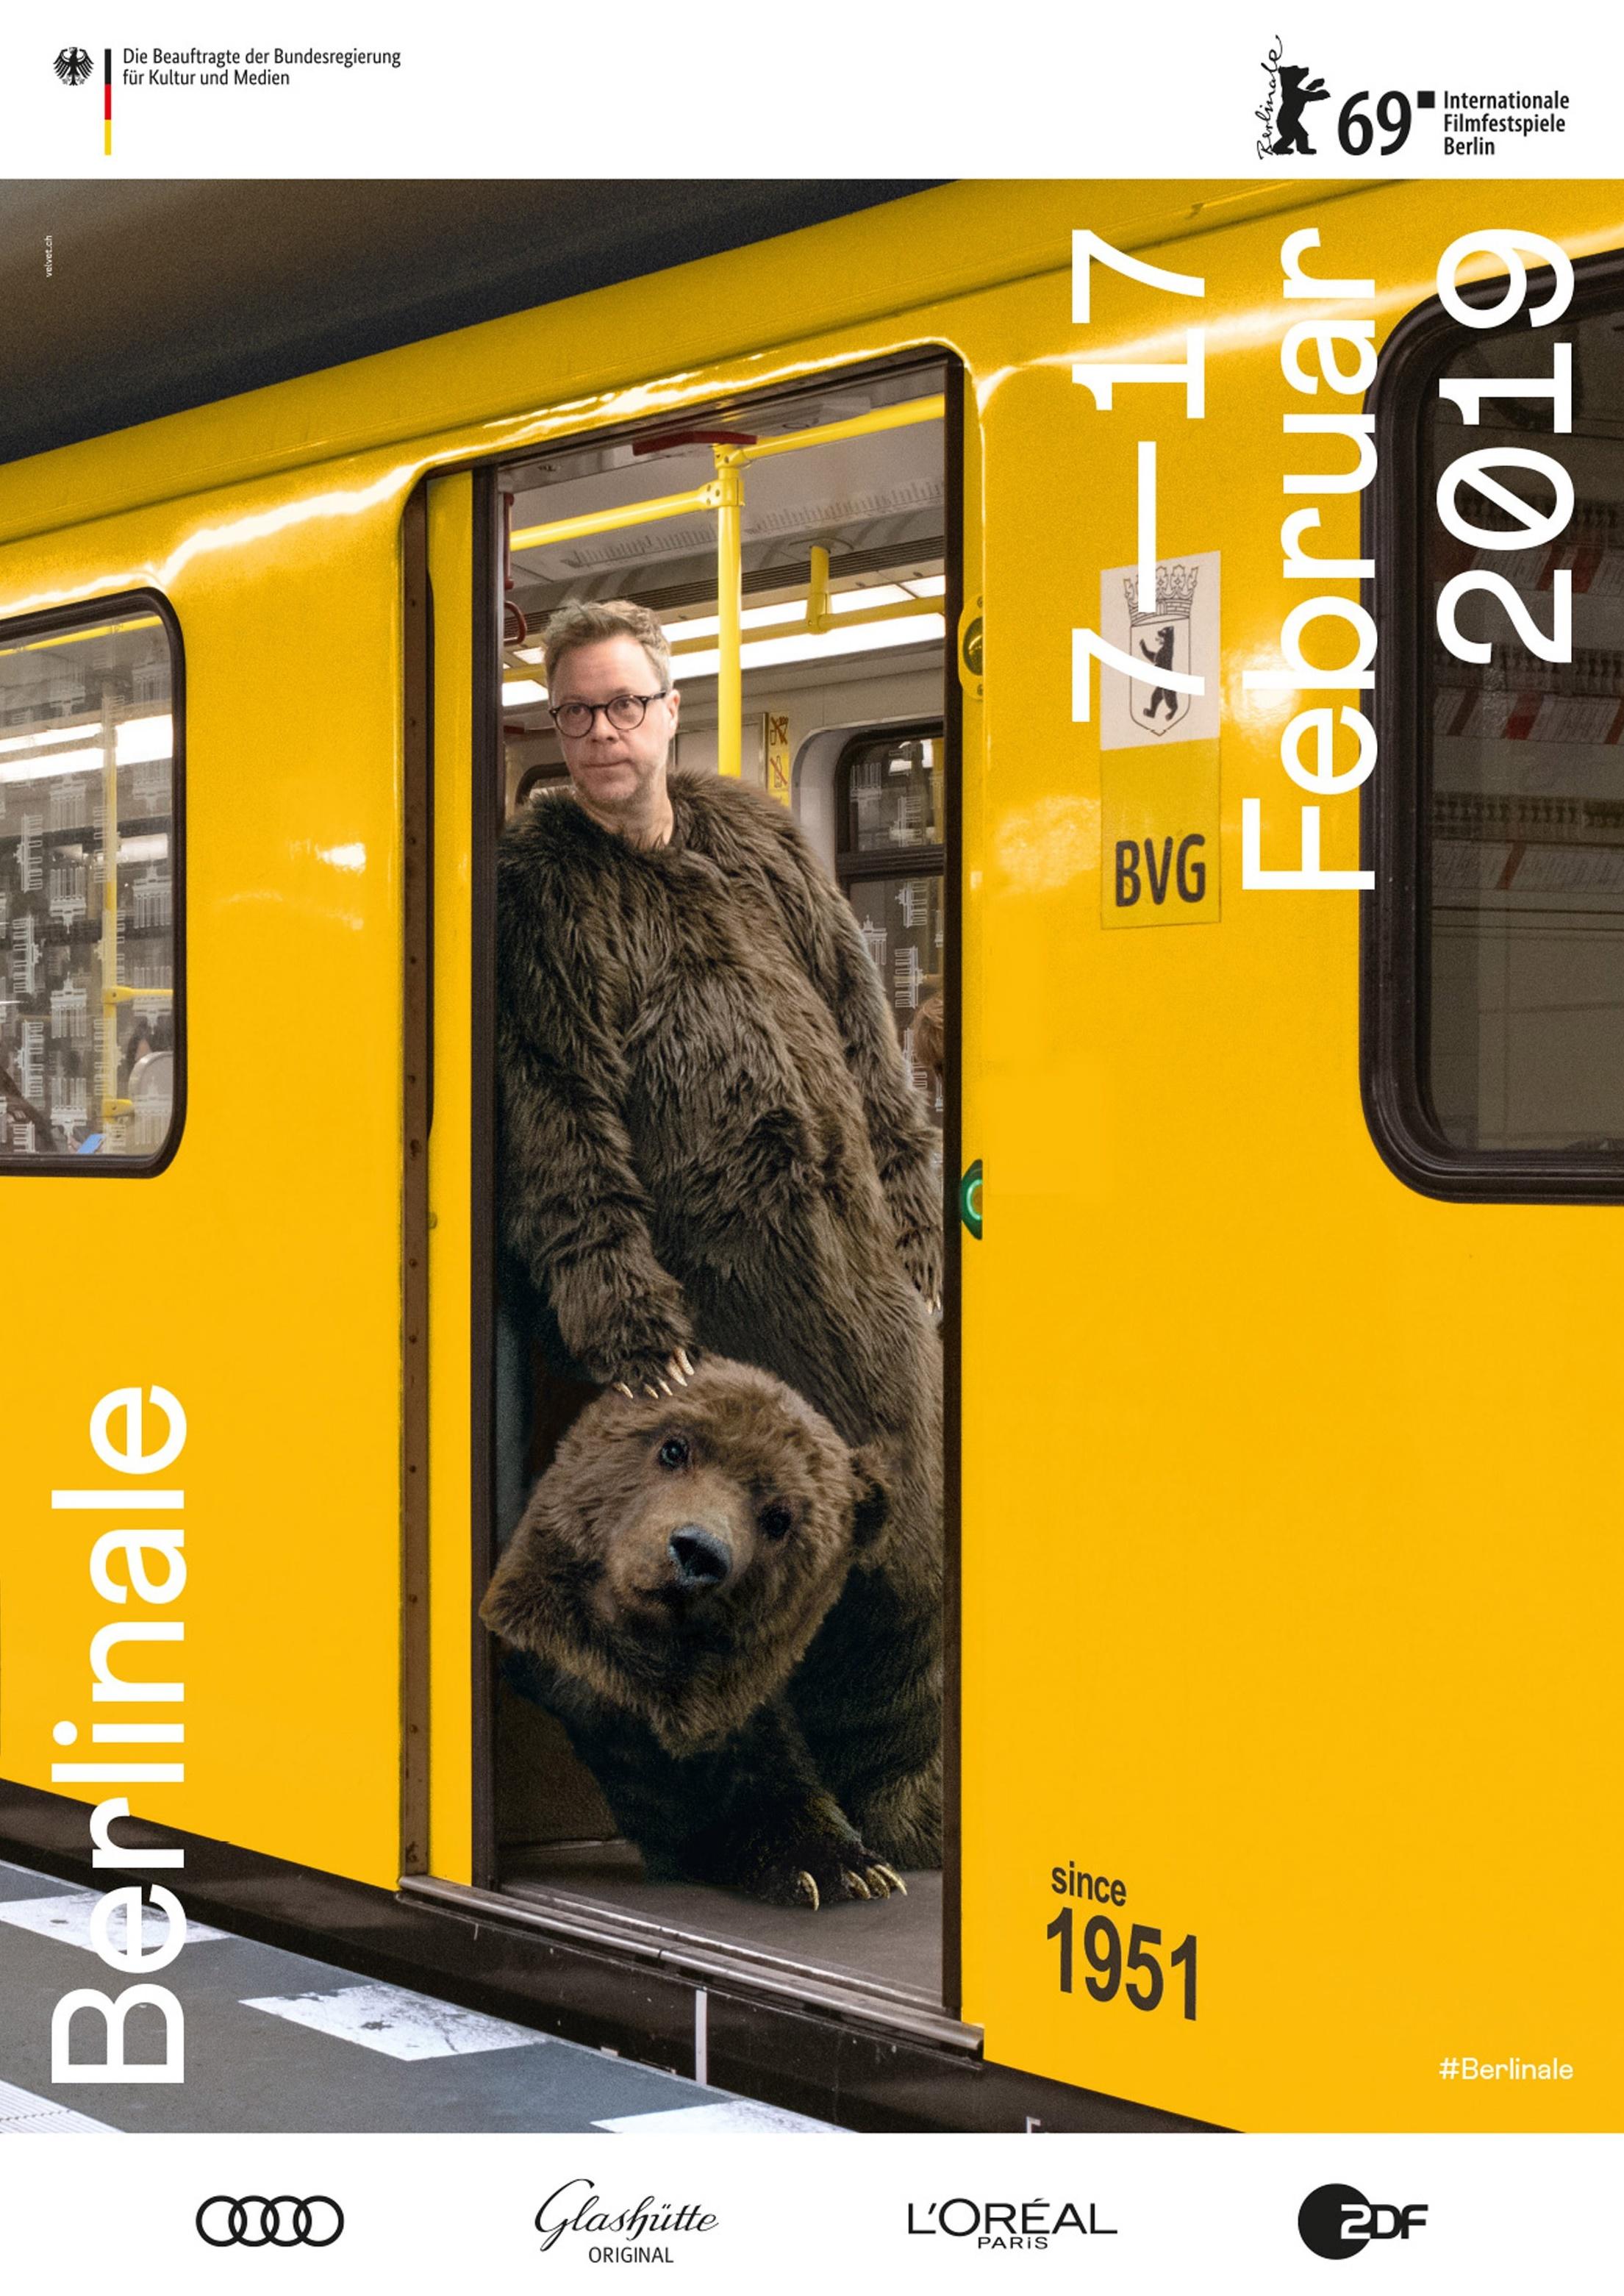 Festival de Berlin 2019 - Berlinale Special - affiche